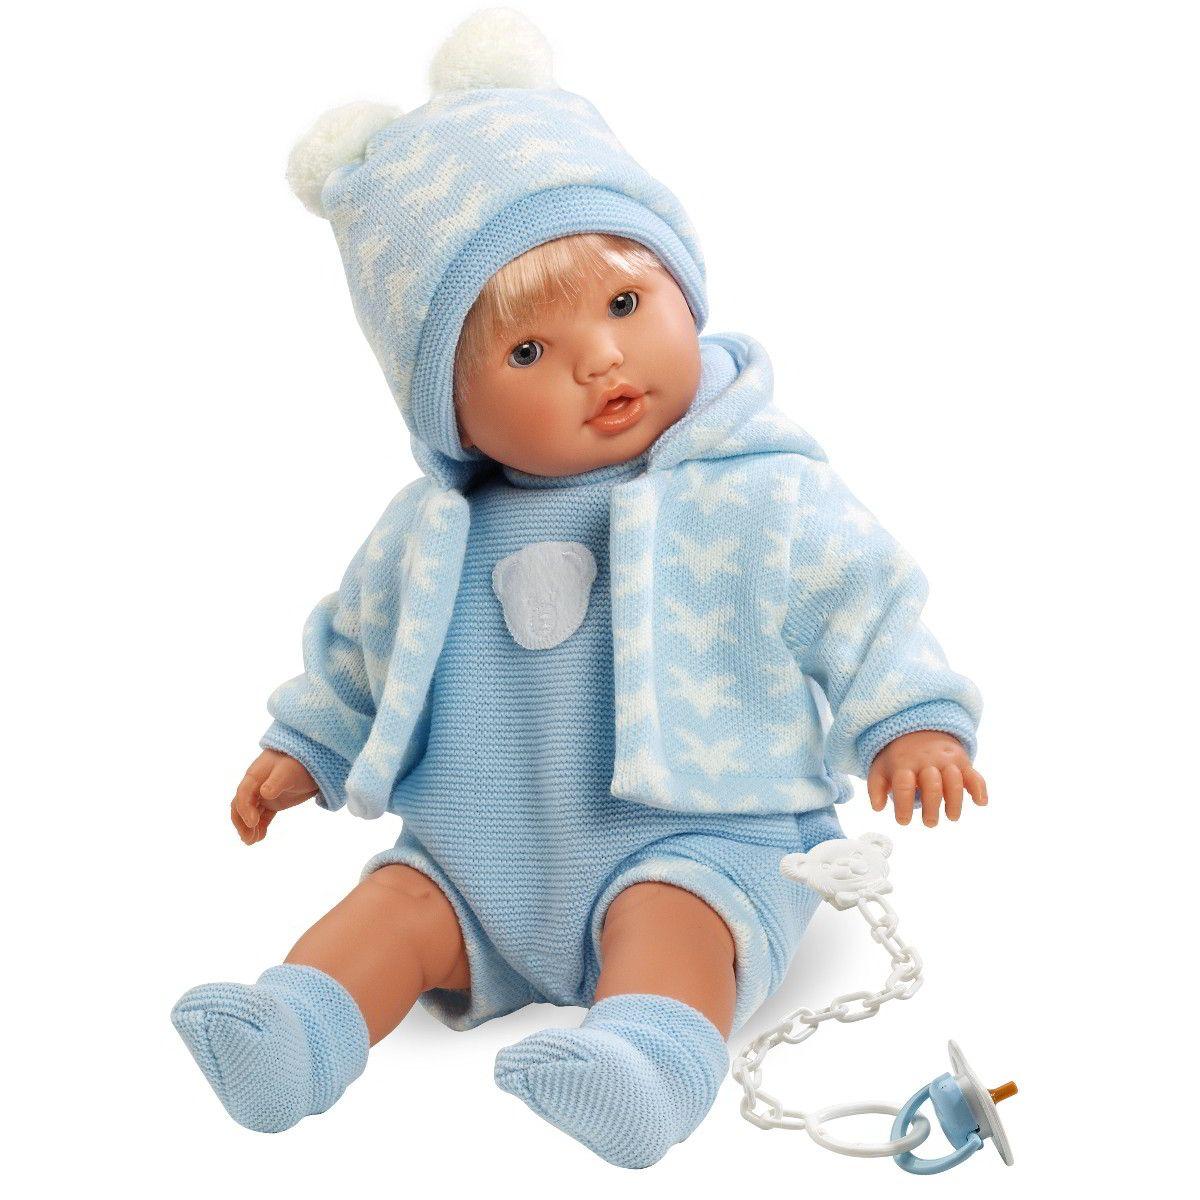 Купить Кукла Нико, 48 см, Llorens Juan